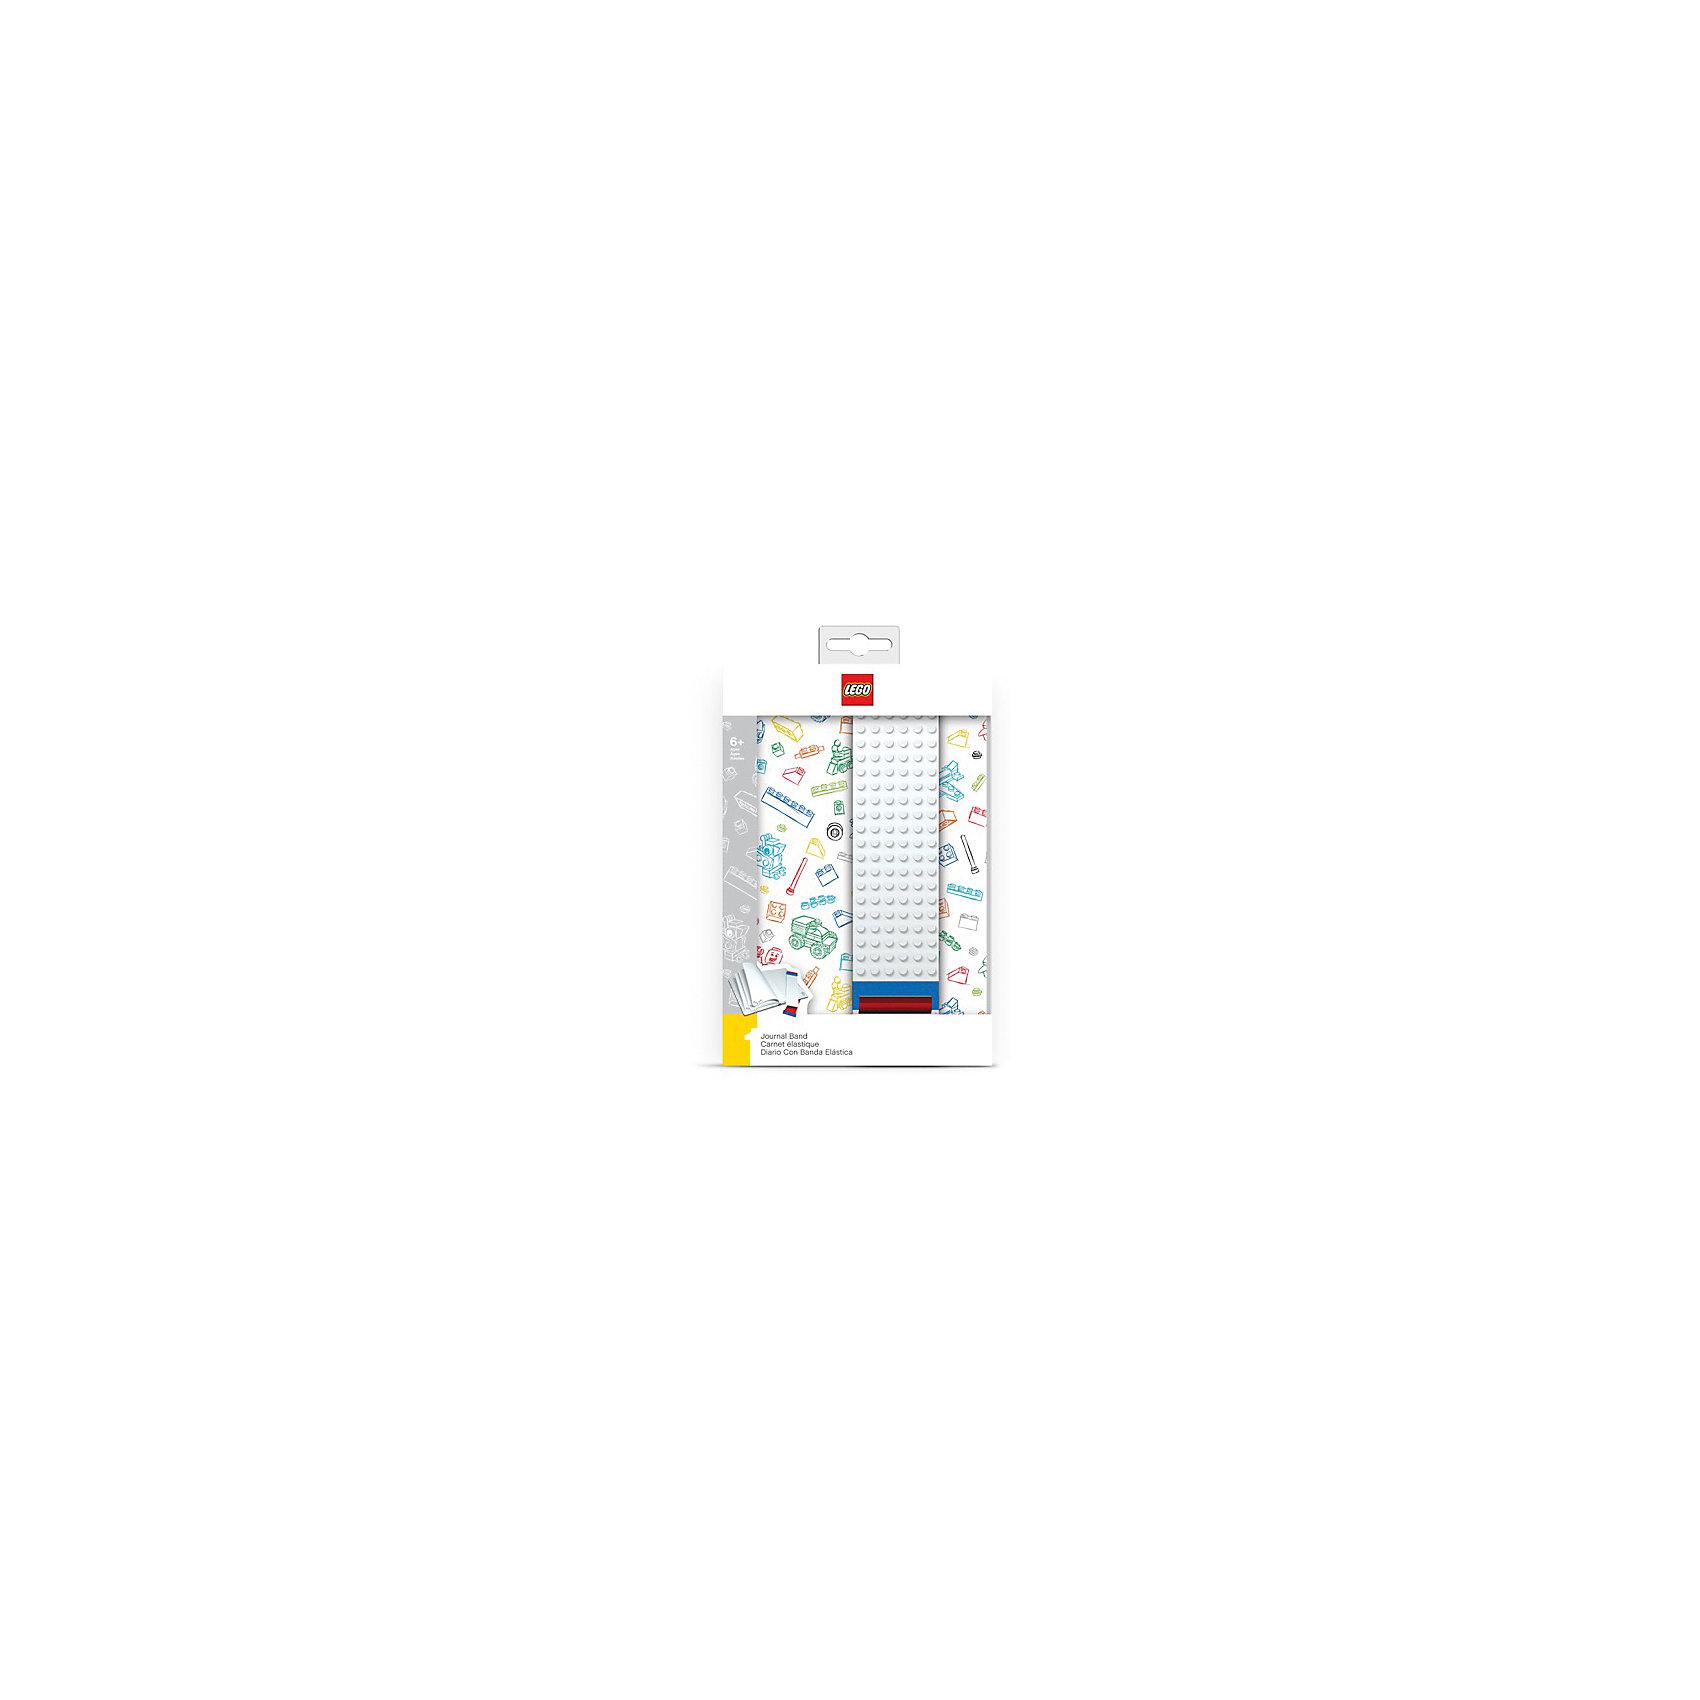 Записная книжка, 96 листов, линейка, с закладкой, цвет: белый, LEGOБумажная продукция<br>Оригинальную книгу для записей можно использовать в качестве ежедневника, блокнота для рисования, написания сочинений или важных событий. Закладка поможет не только найти необходимую запись, а также хранить ручку, маркер или карандаш вместе, ведь все канцелярские принадлежности скрепляются друг  с другом по принципу конструкторов LEGO.<br><br>Ширина мм: 150<br>Глубина мм: 32<br>Высота мм: 222<br>Вес г: 390<br>Возраст от месяцев: 36<br>Возраст до месяцев: 72<br>Пол: Унисекс<br>Возраст: Детский<br>SKU: 5529377